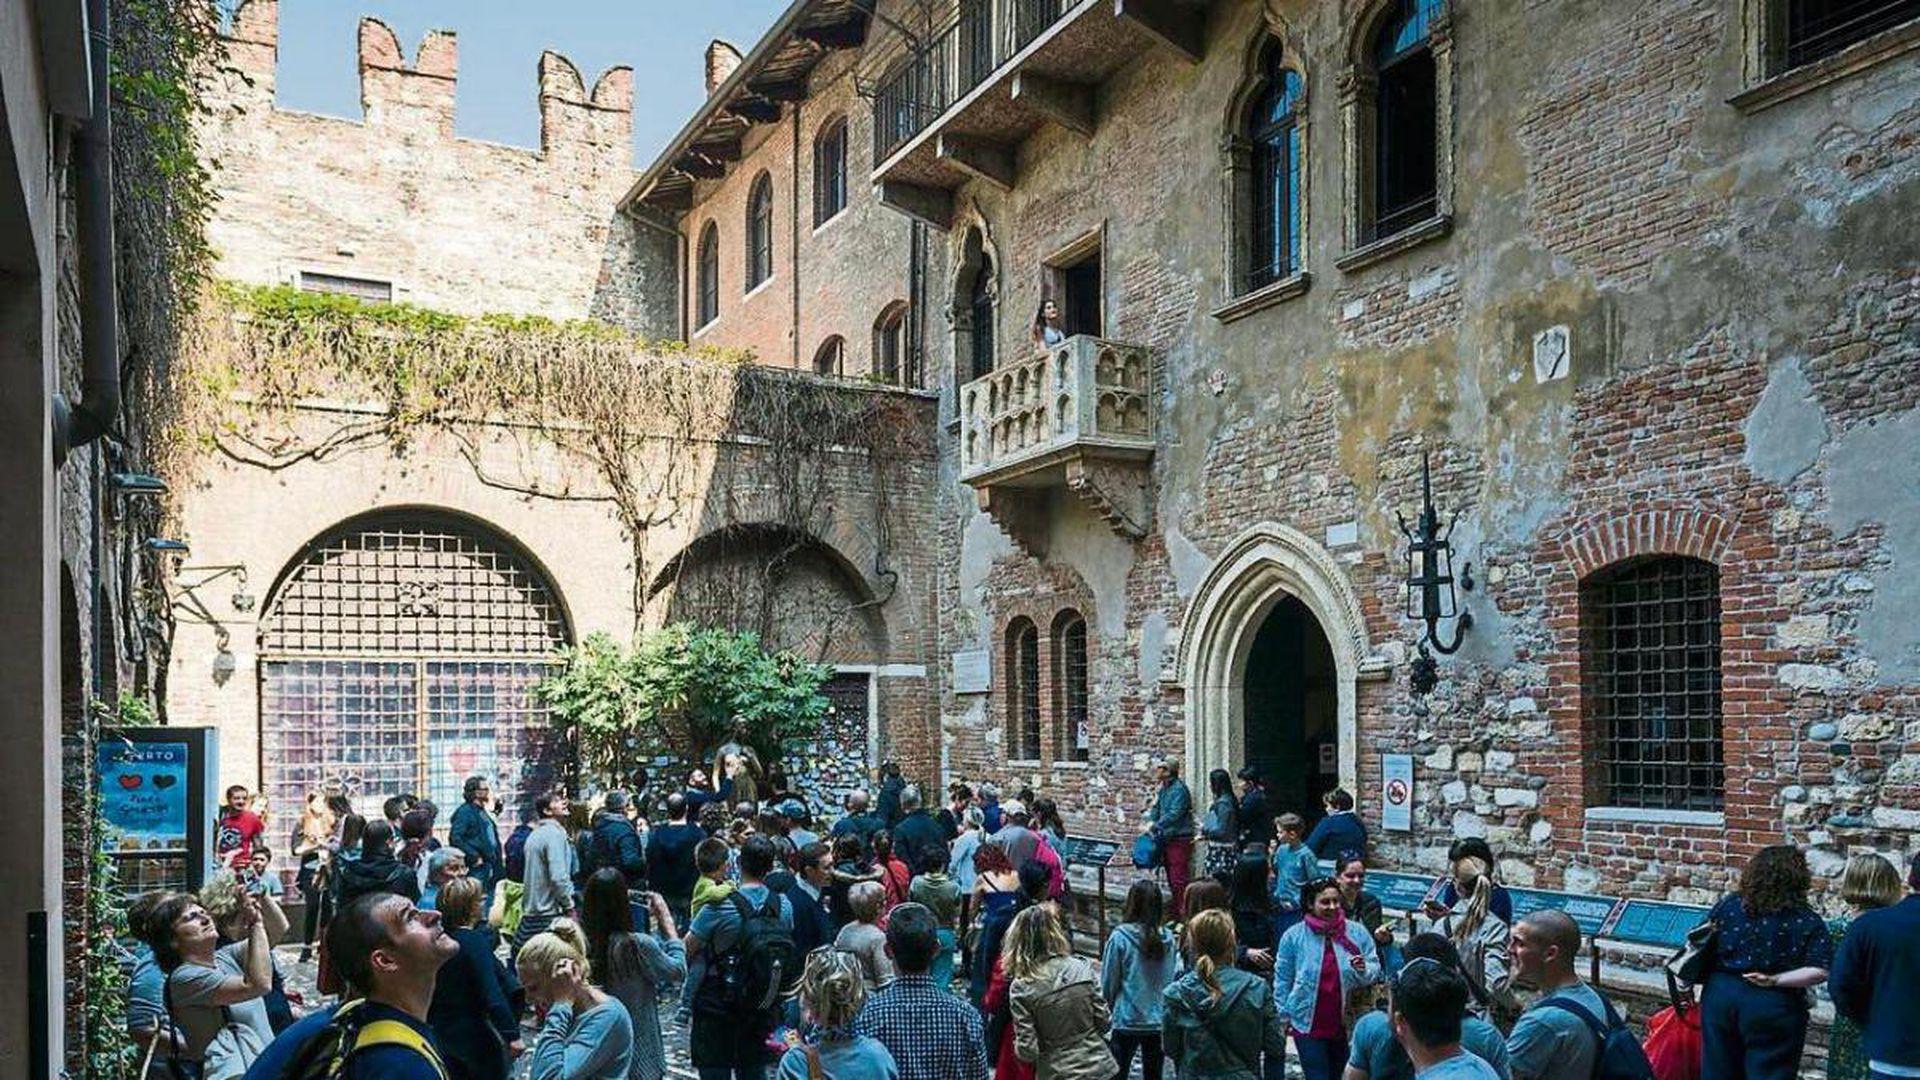 Un día en la casa de Julieta, los turistas esperan su turno para entrar.